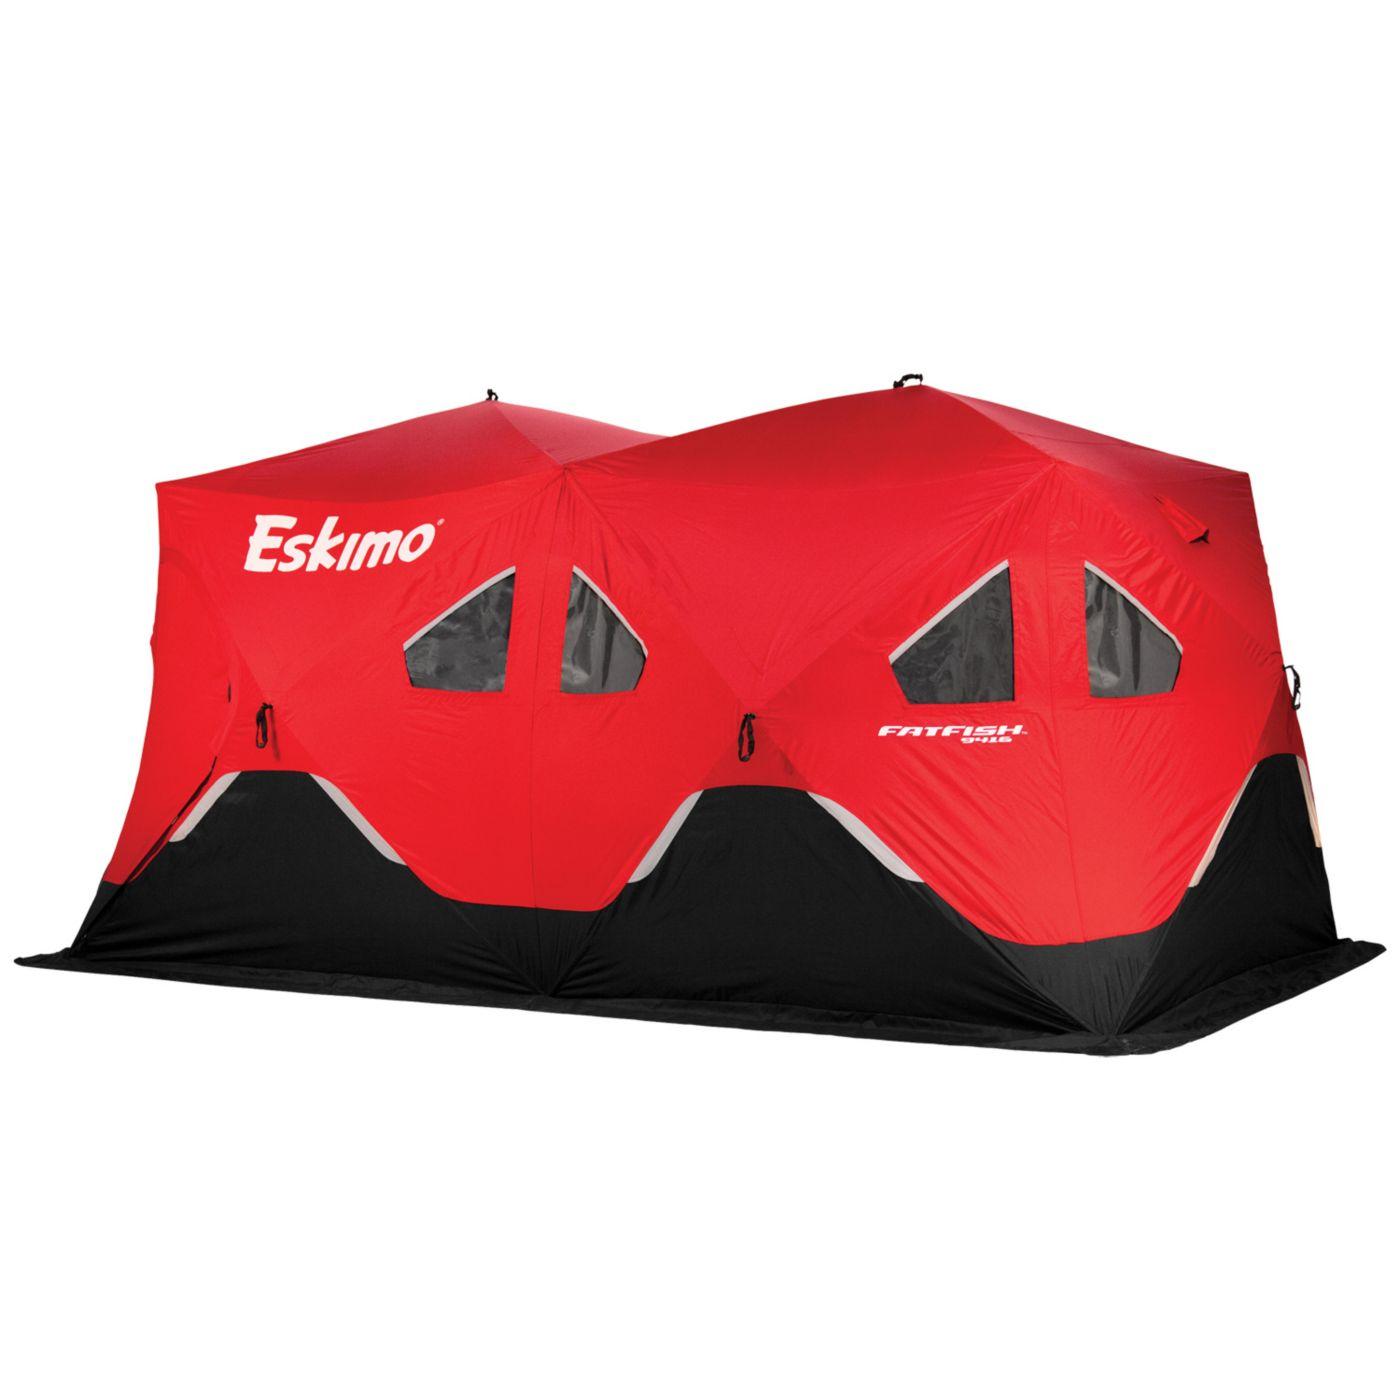 Eskimo FatFish 9416 9-Person Ice Fishing Shelter